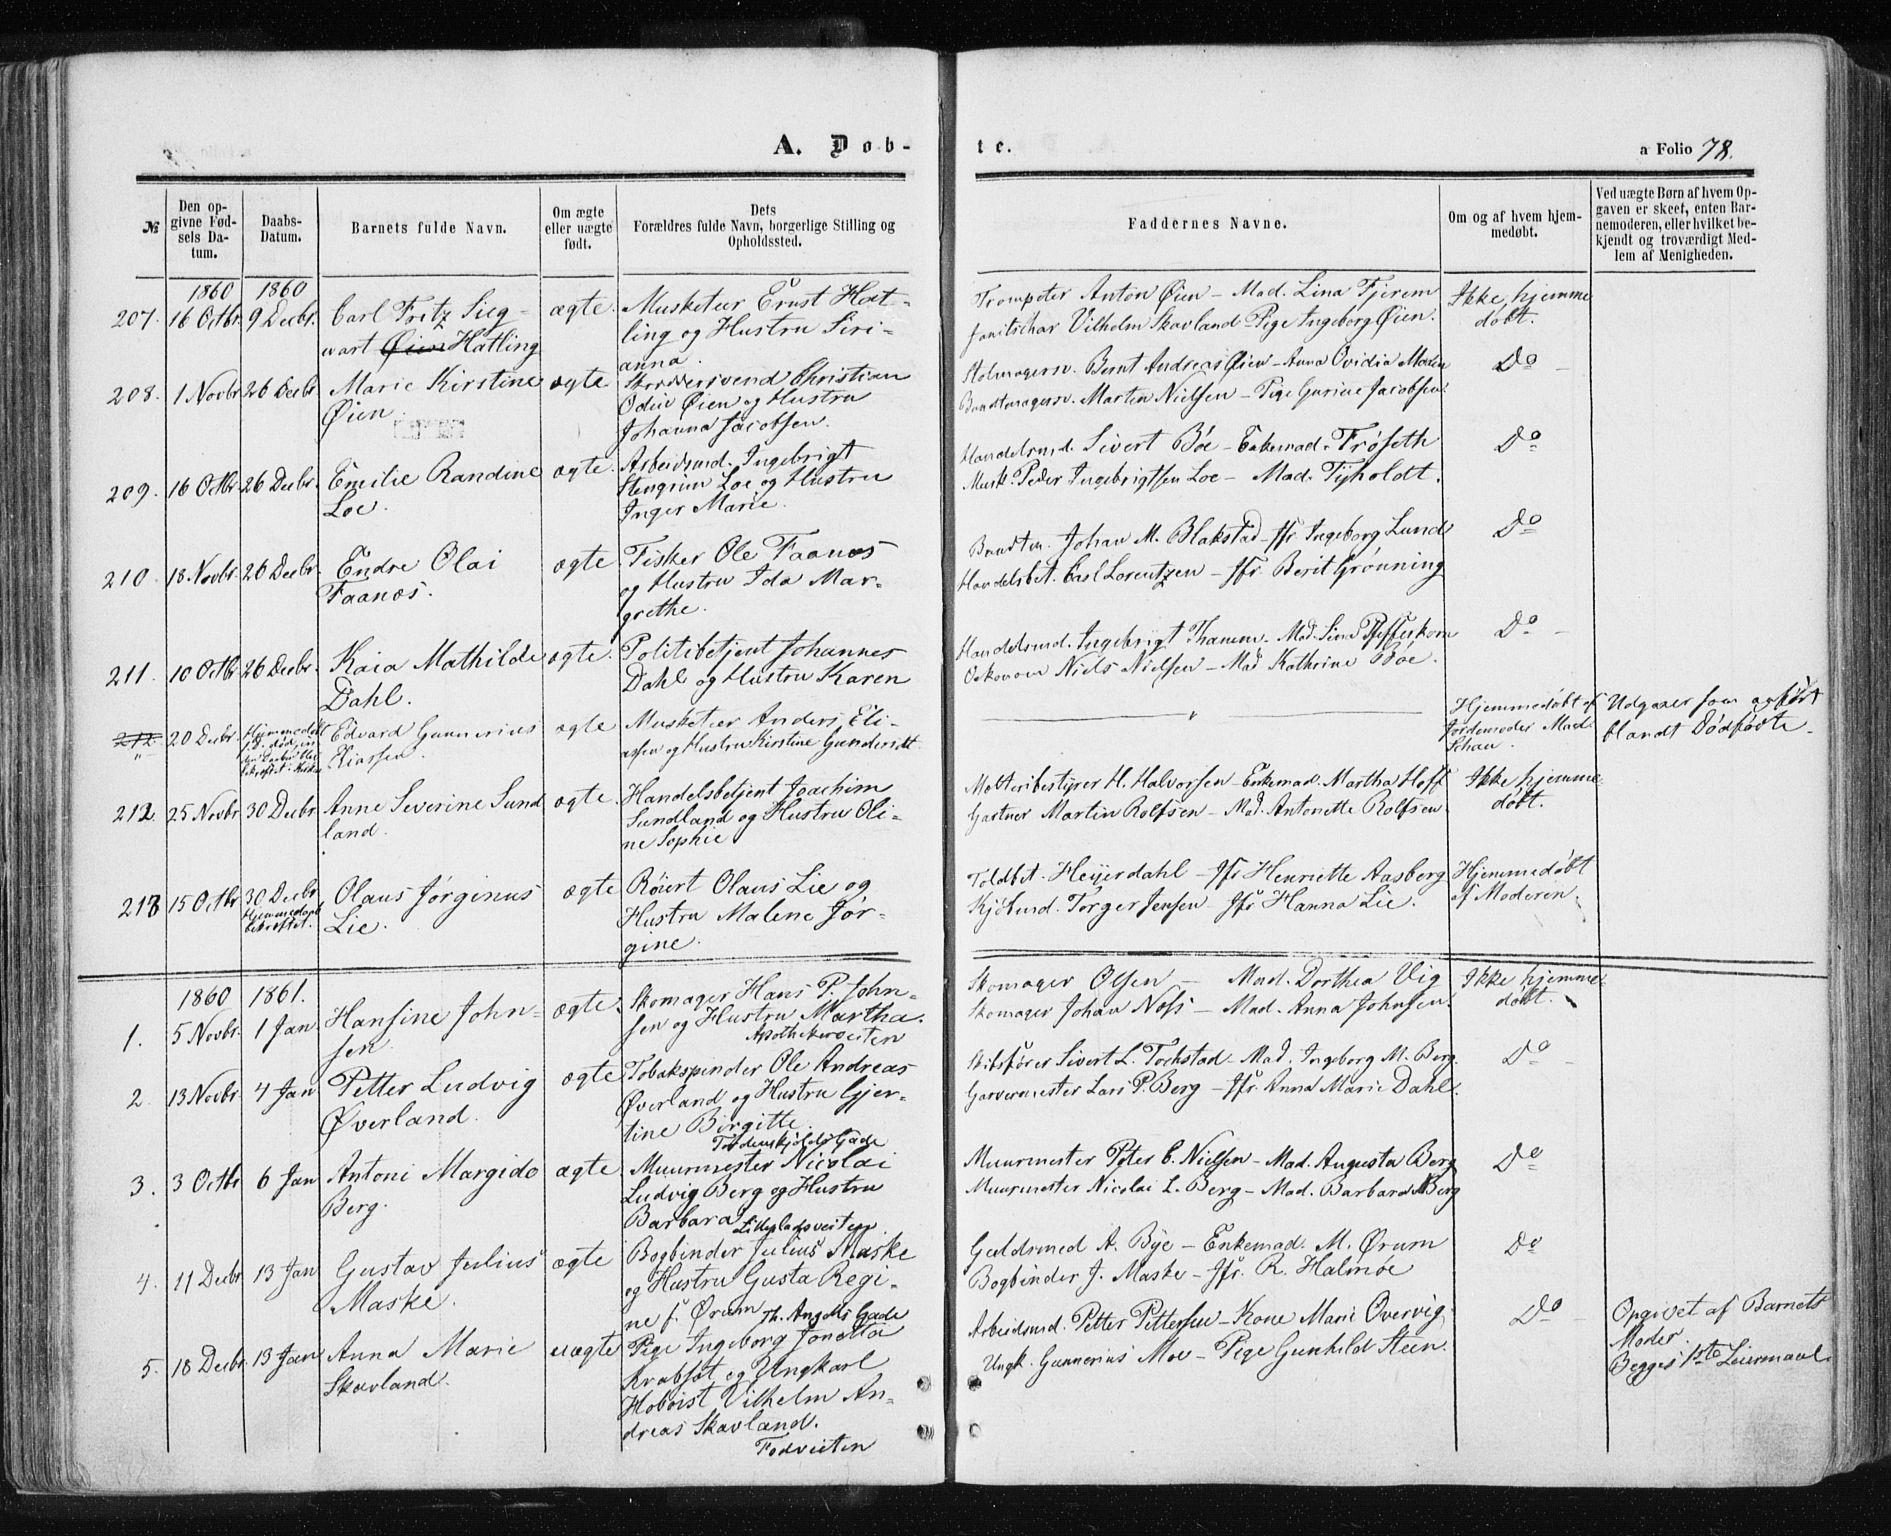 SAT, Ministerialprotokoller, klokkerbøker og fødselsregistre - Sør-Trøndelag, 601/L0053: Ministerialbok nr. 601A21, 1857-1865, s. 78